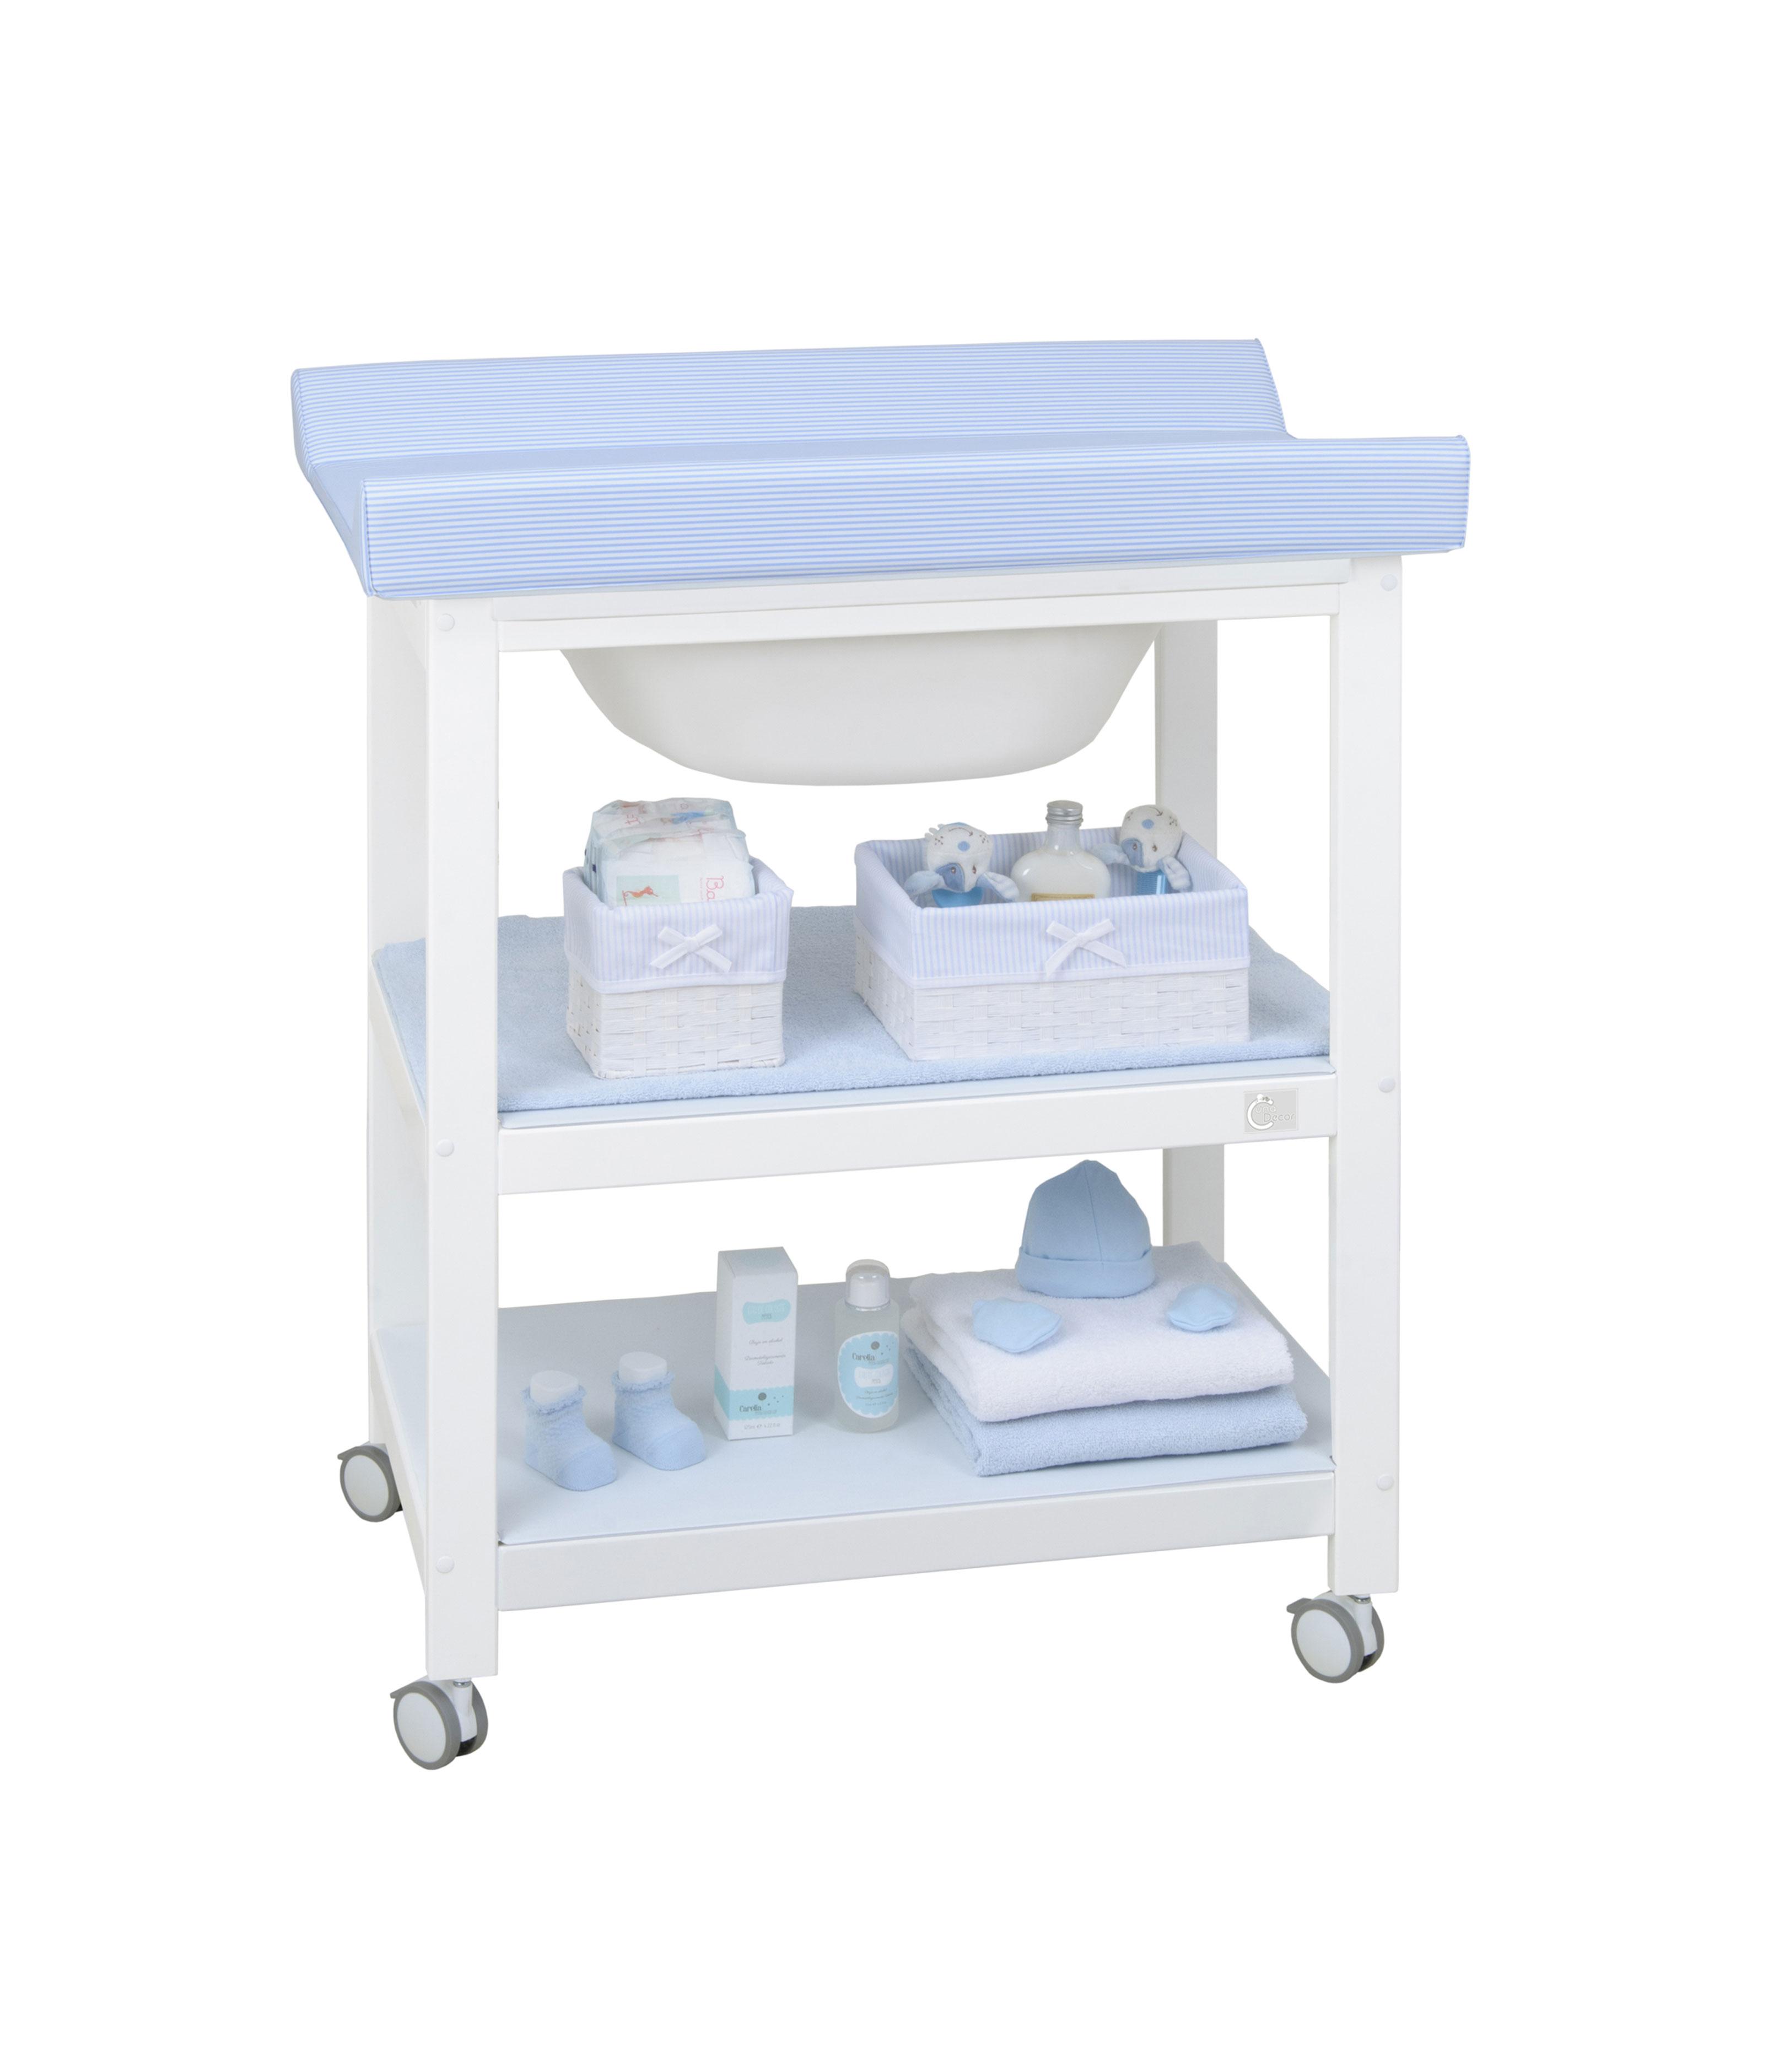 Mueble bañera con cambiador